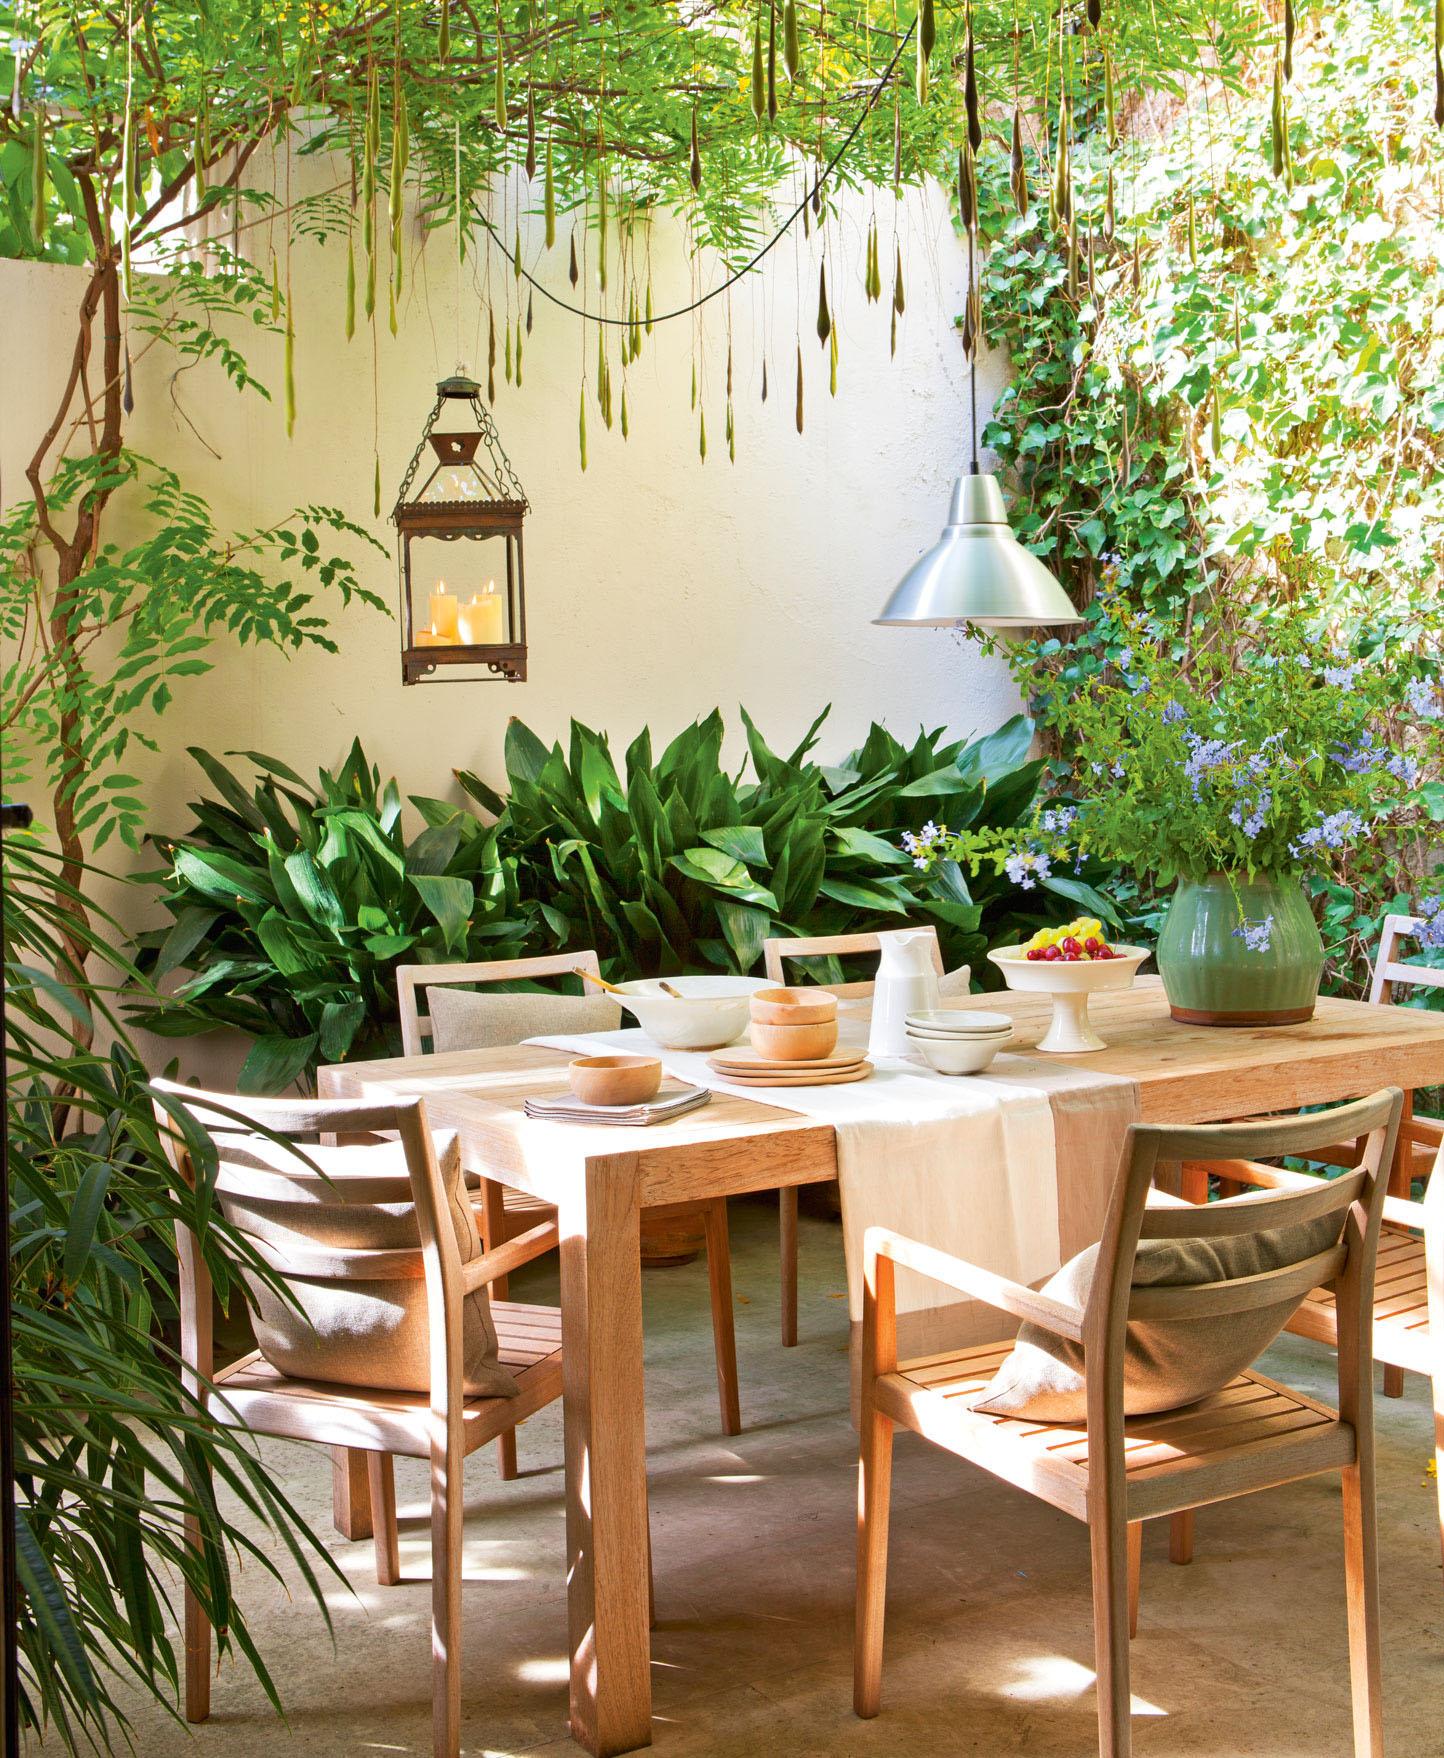 Muebles Karibeno - La Terraza Ideal Para Cada Tipo De Persona[mjhdah]http://www.elmueble.com/medio/2017/04/19/balcon-urbano-con-sofa_00444955_a939273f.jpg